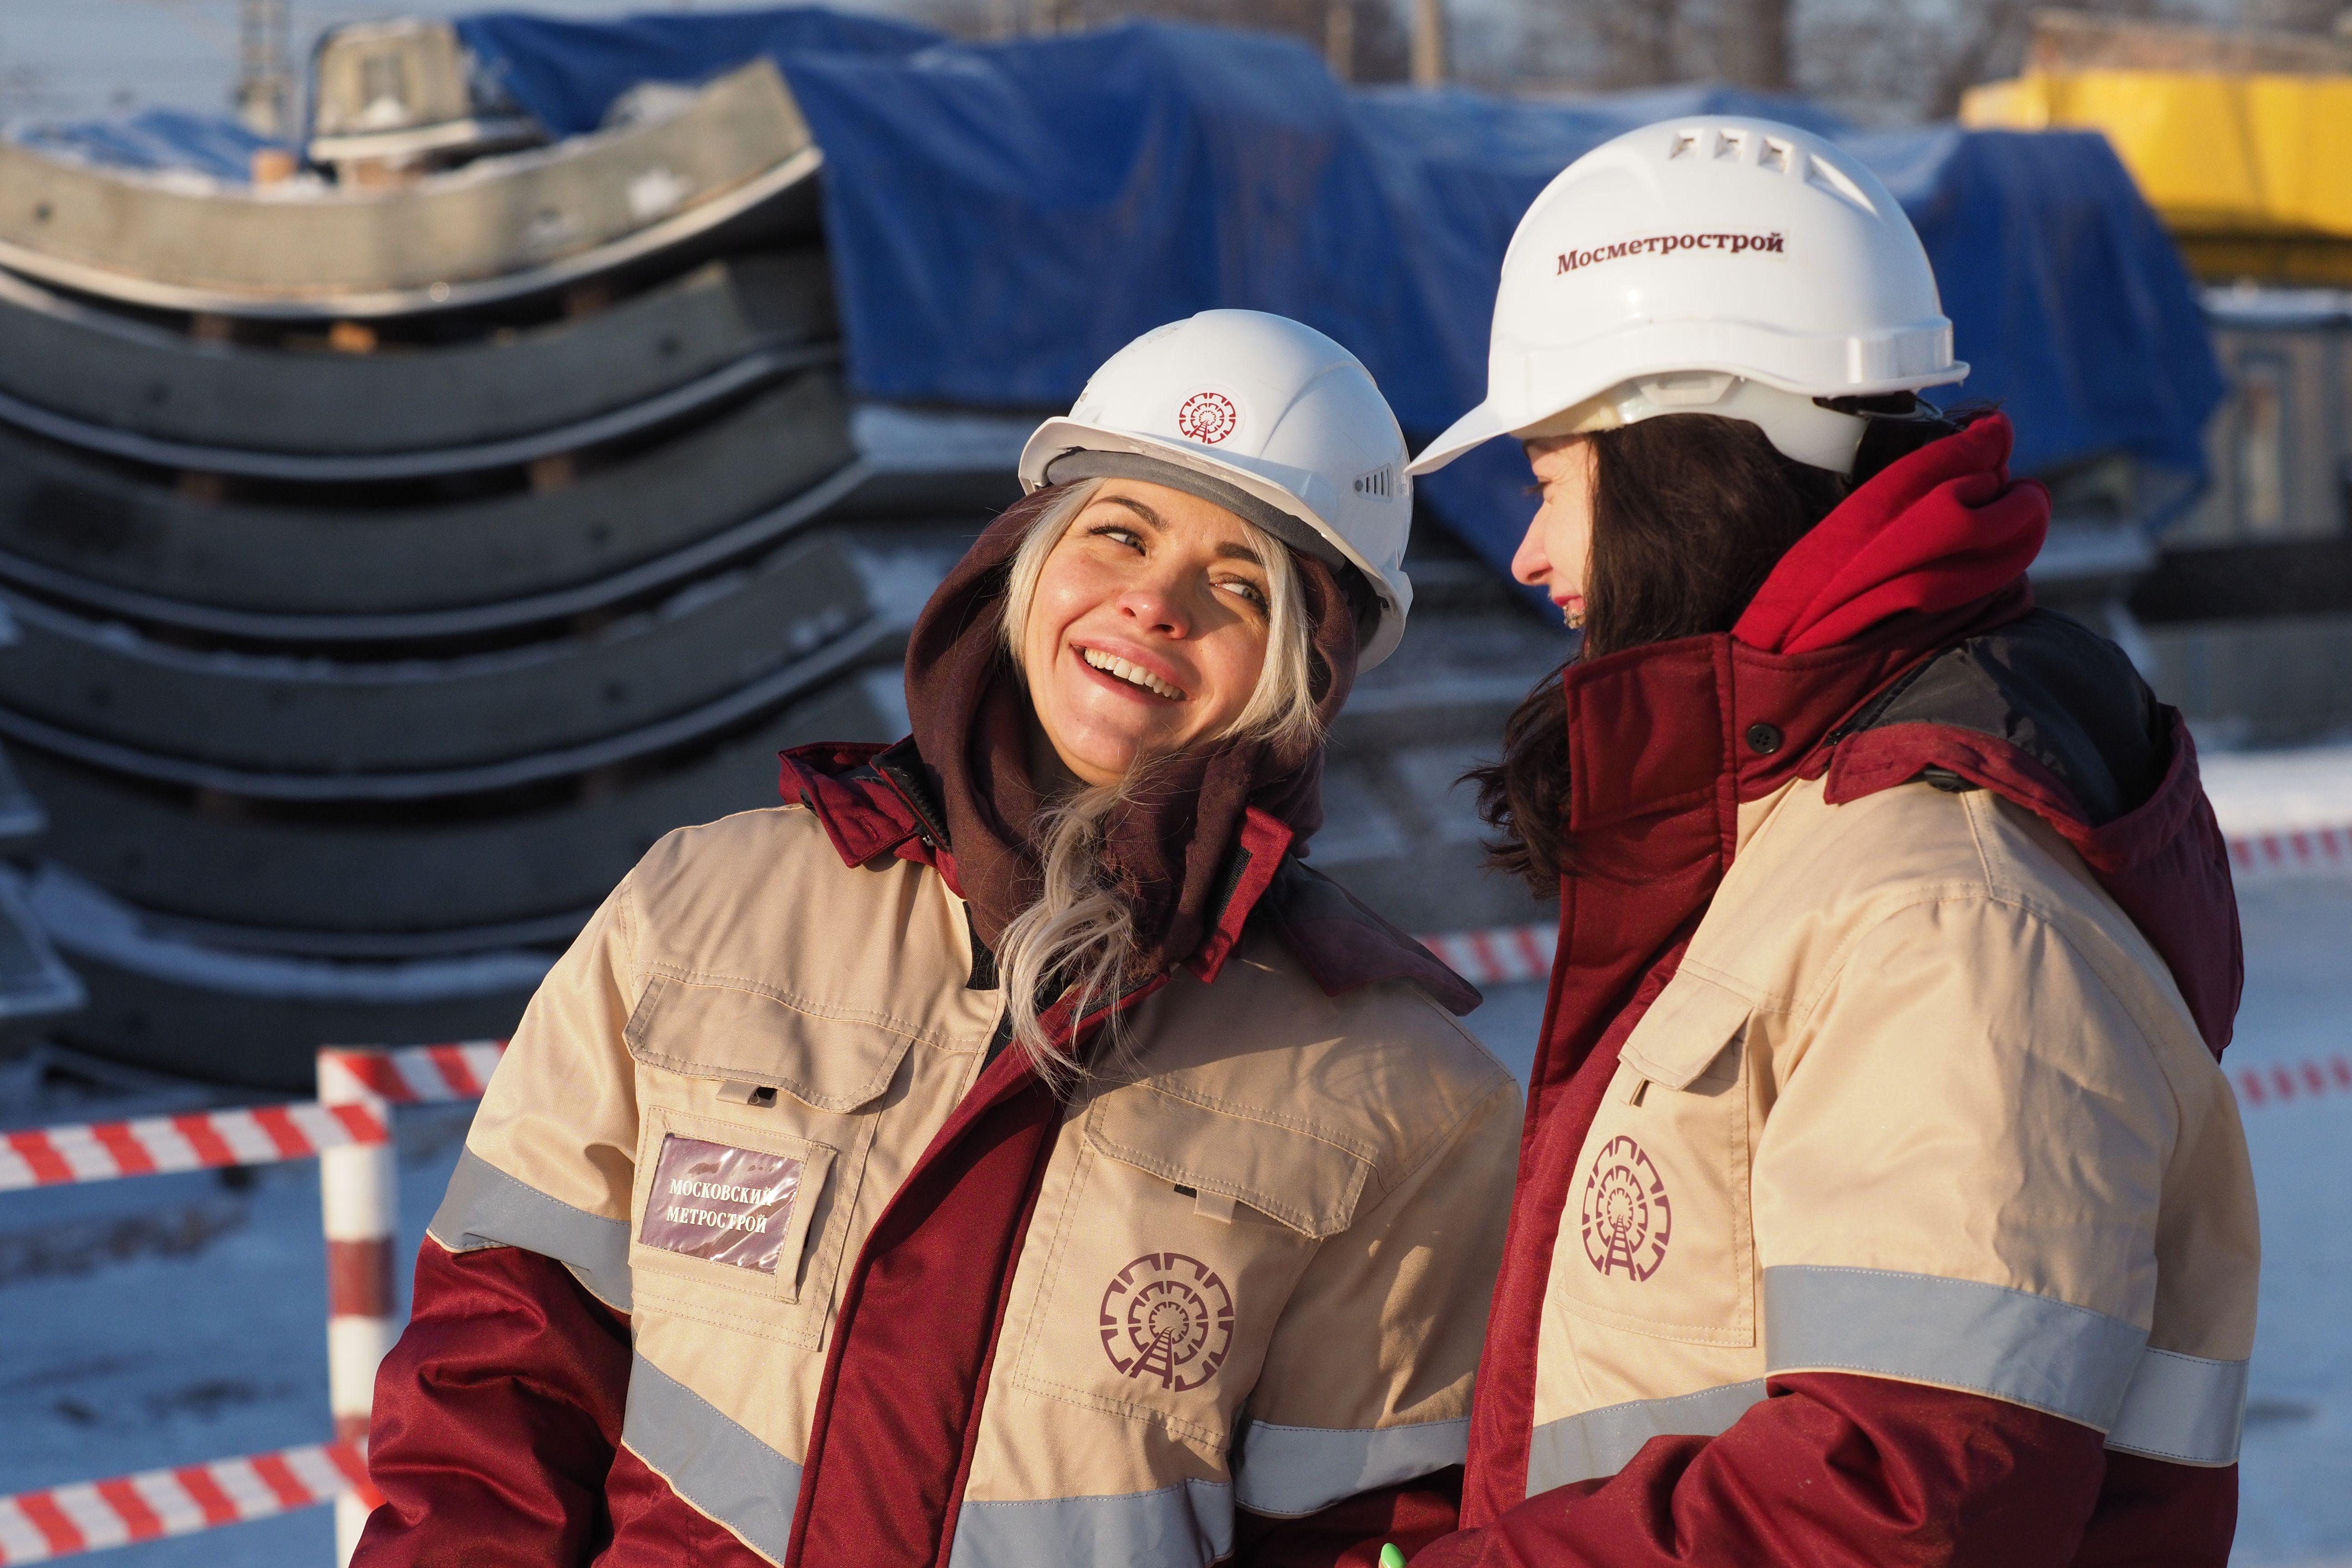 Метро Москвы начало проходку нового тоннеля началась на Коммунарской линии